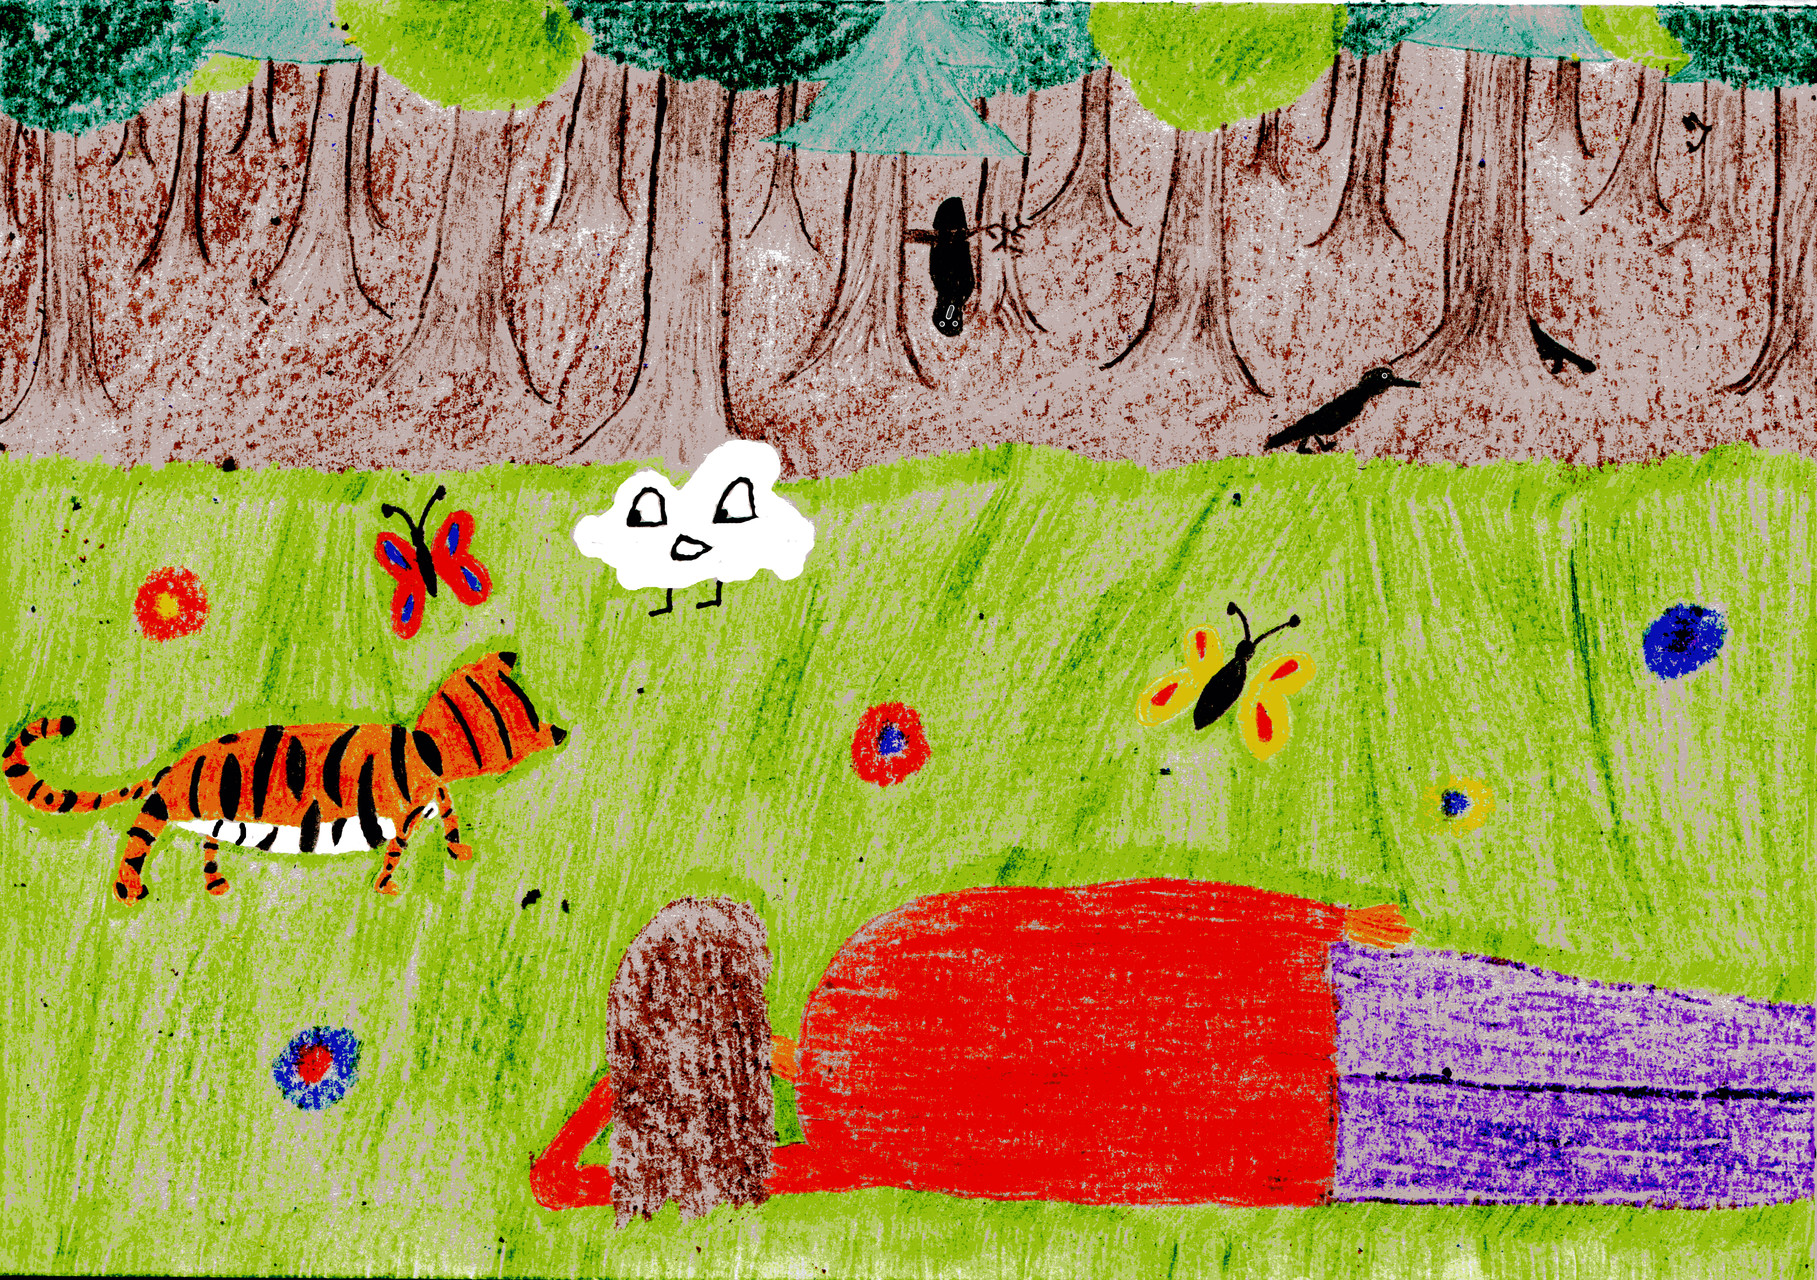 Sausewind und der Tiger jagen Schmetterlinge